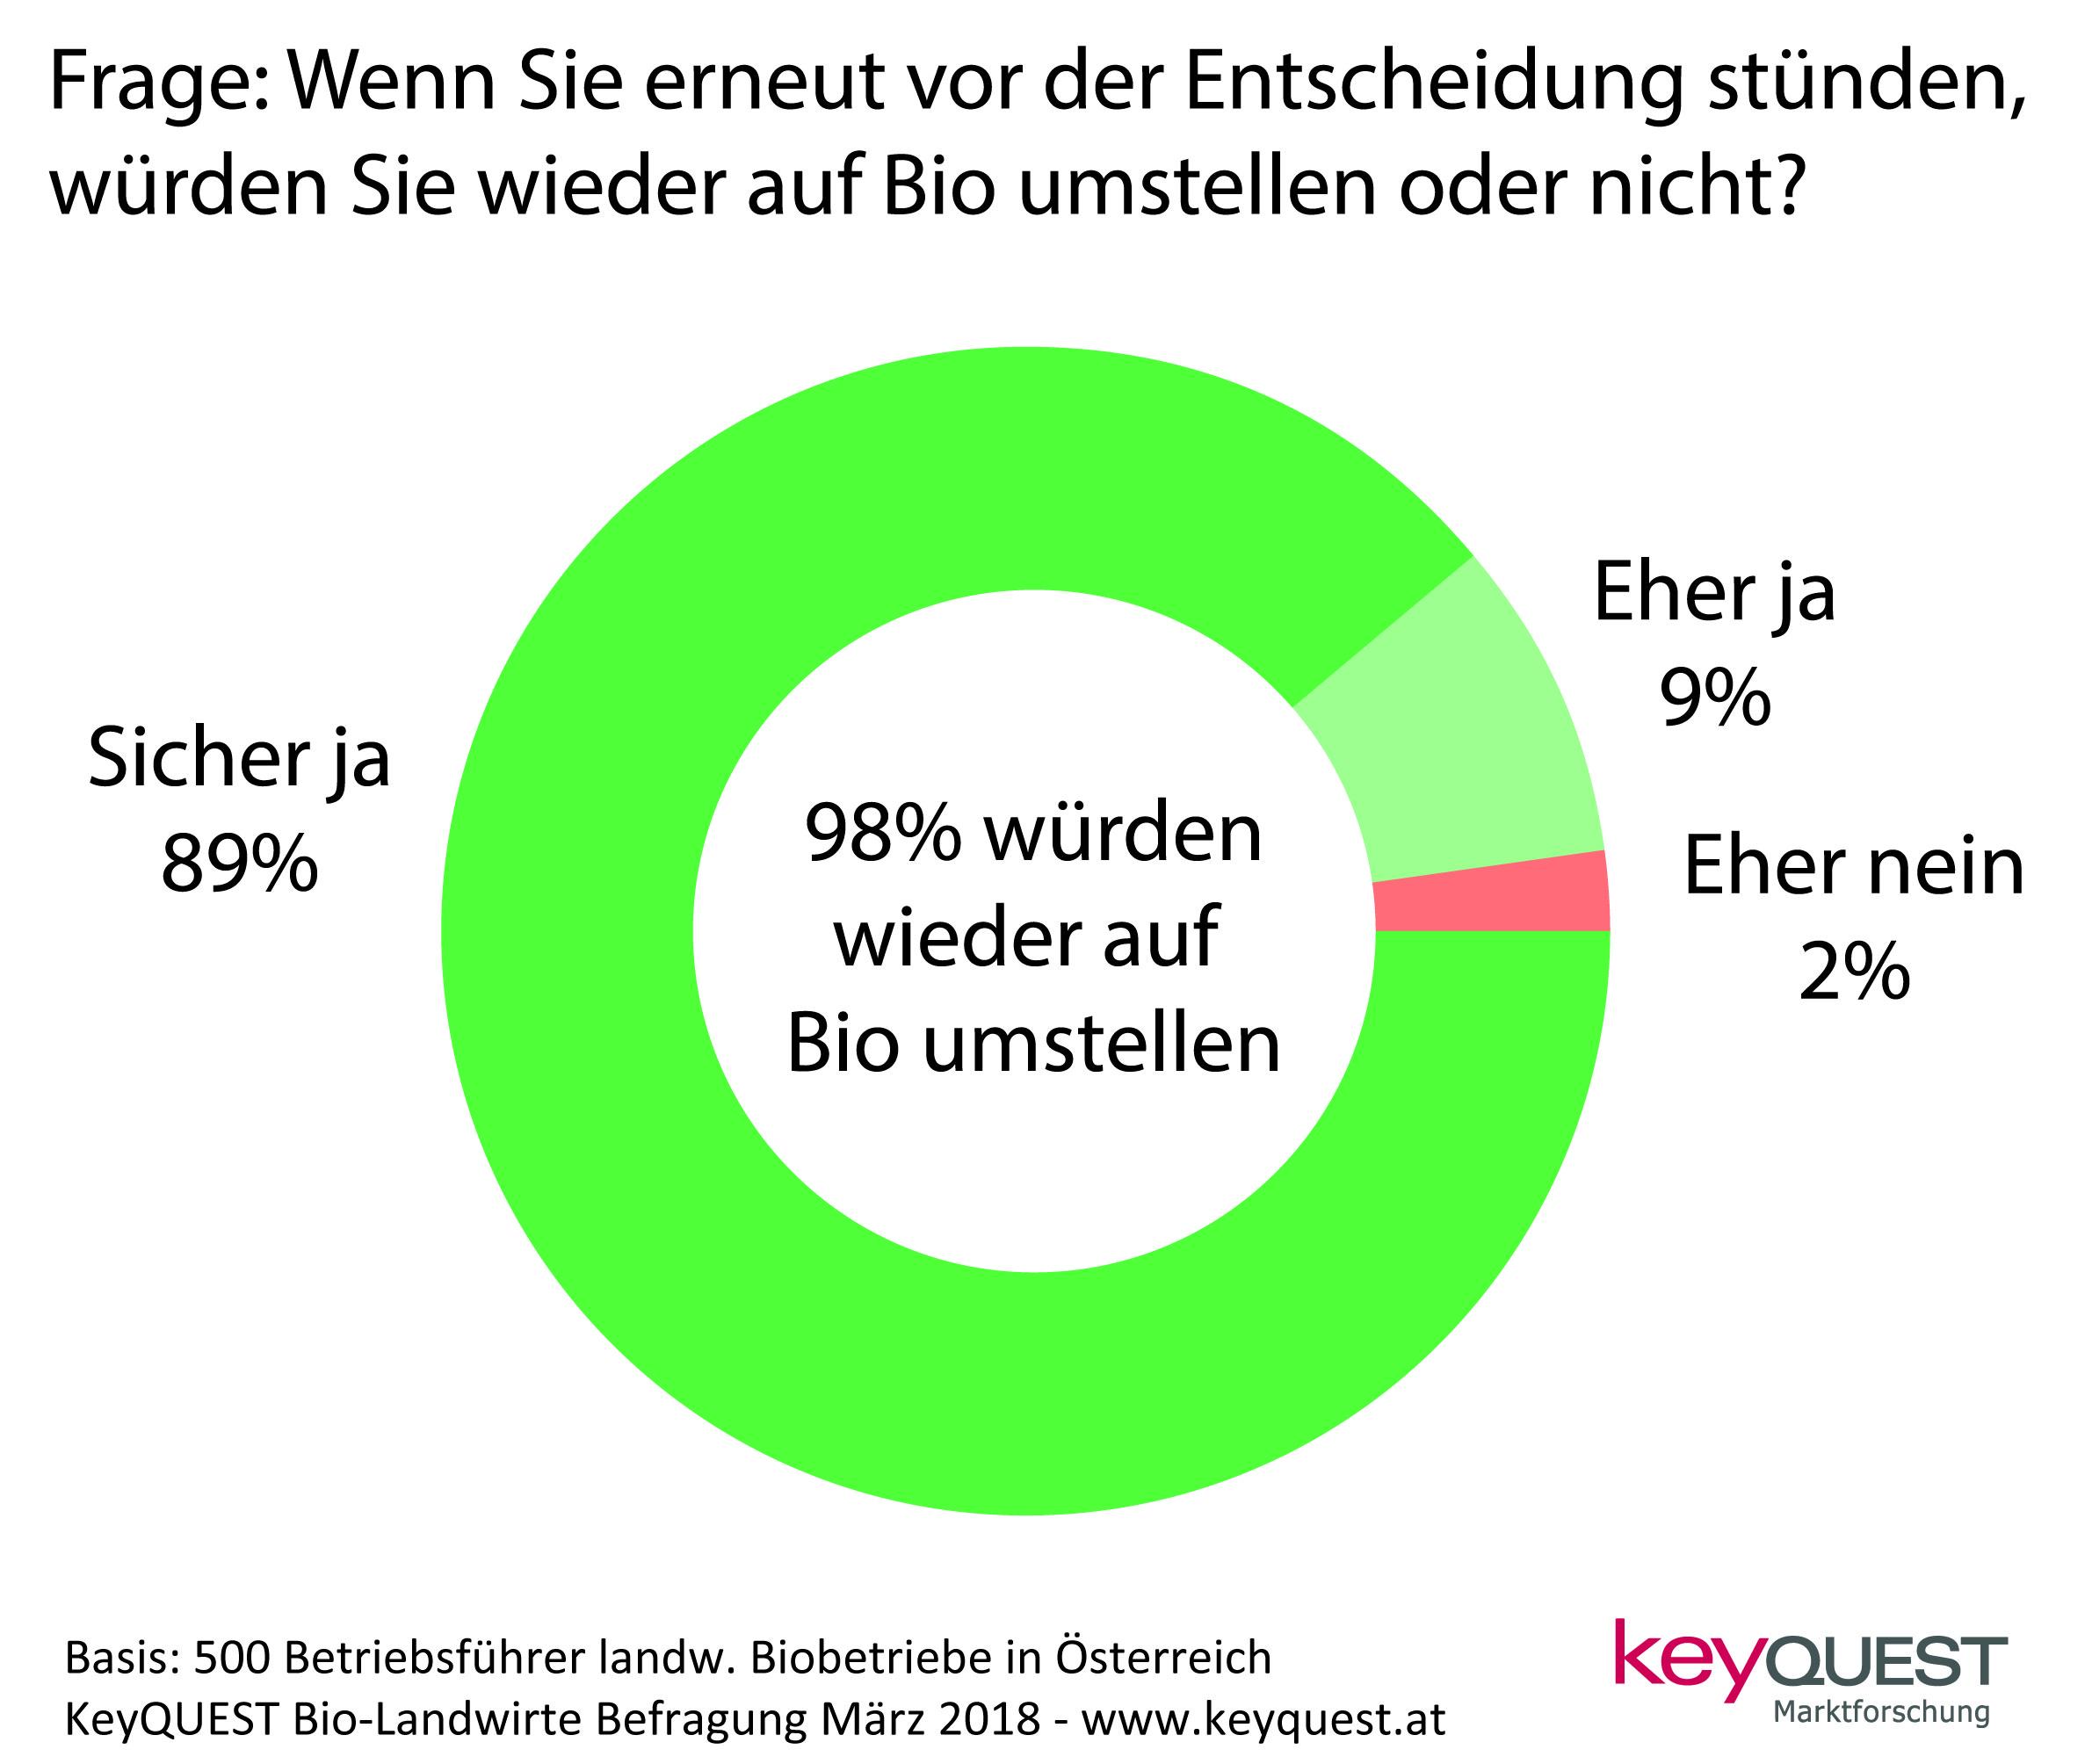 8246d90a81 98% der Bio-Landwirte würden wieder auf Bio umstellen |  agrar-presseportal.de